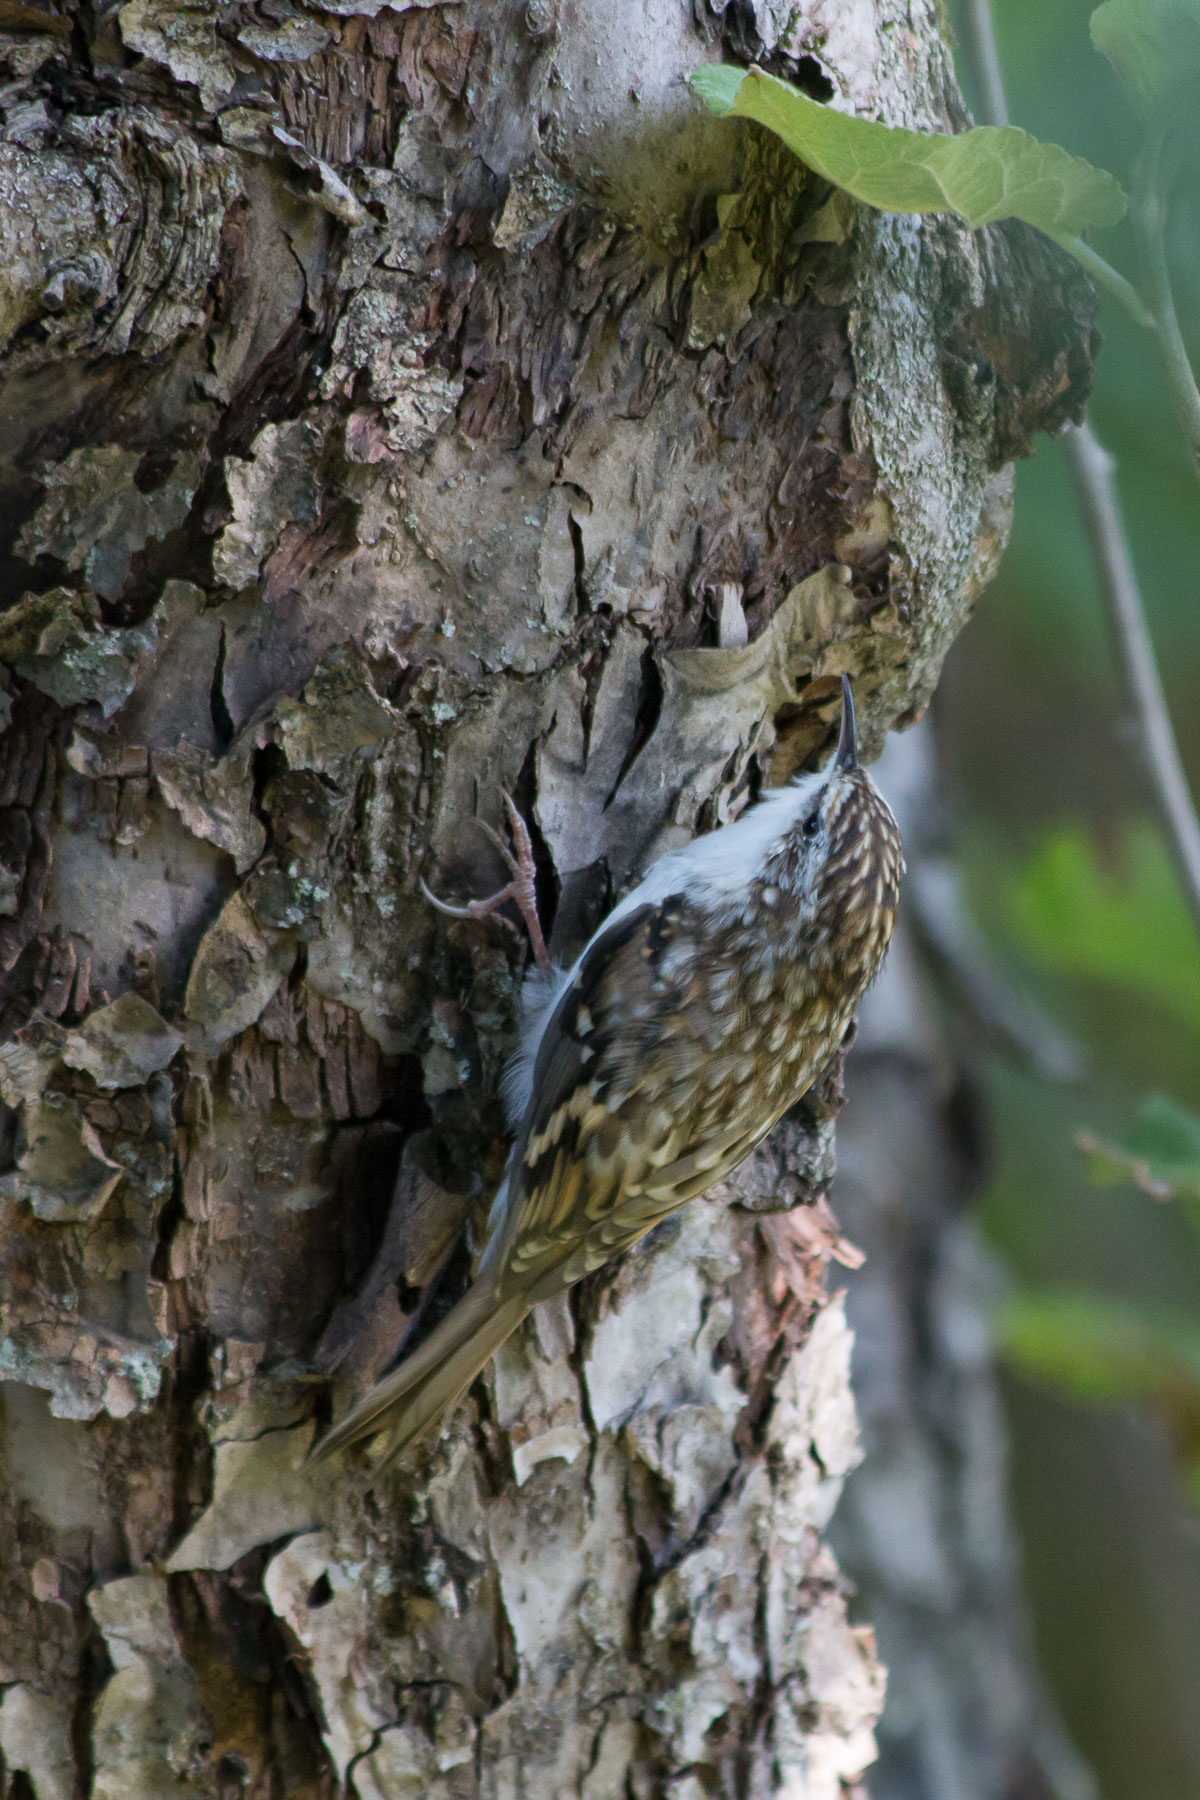 Обыкновенная пищуха (Certhia familiaris). Автор фото: Сутормина Марина